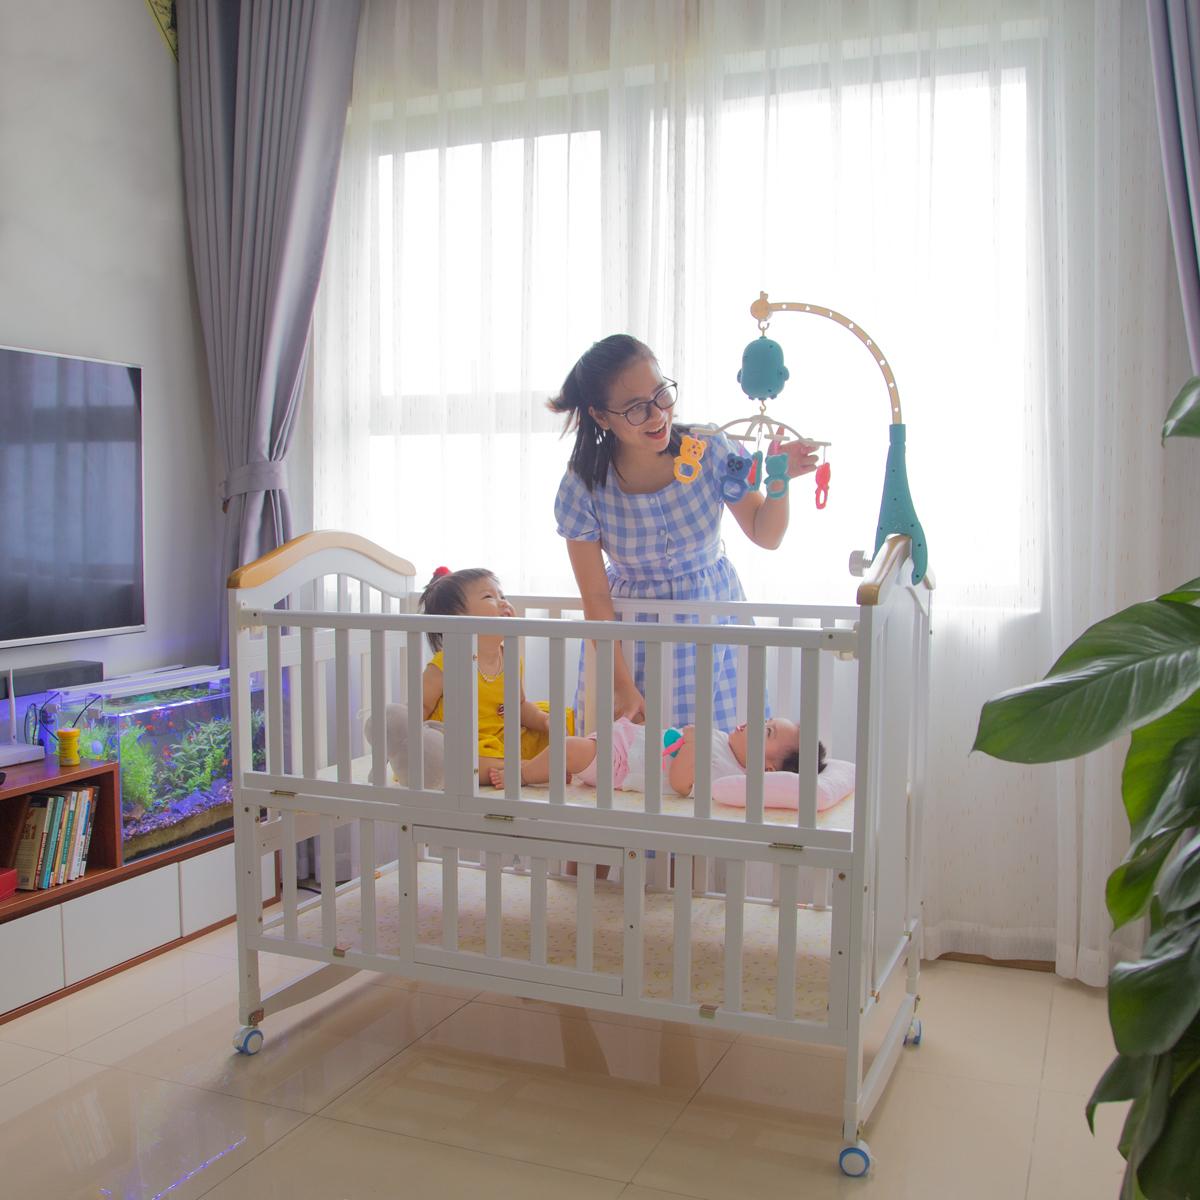 Giường cũi mang đến sự tiện lợi cho bé sơ sinh